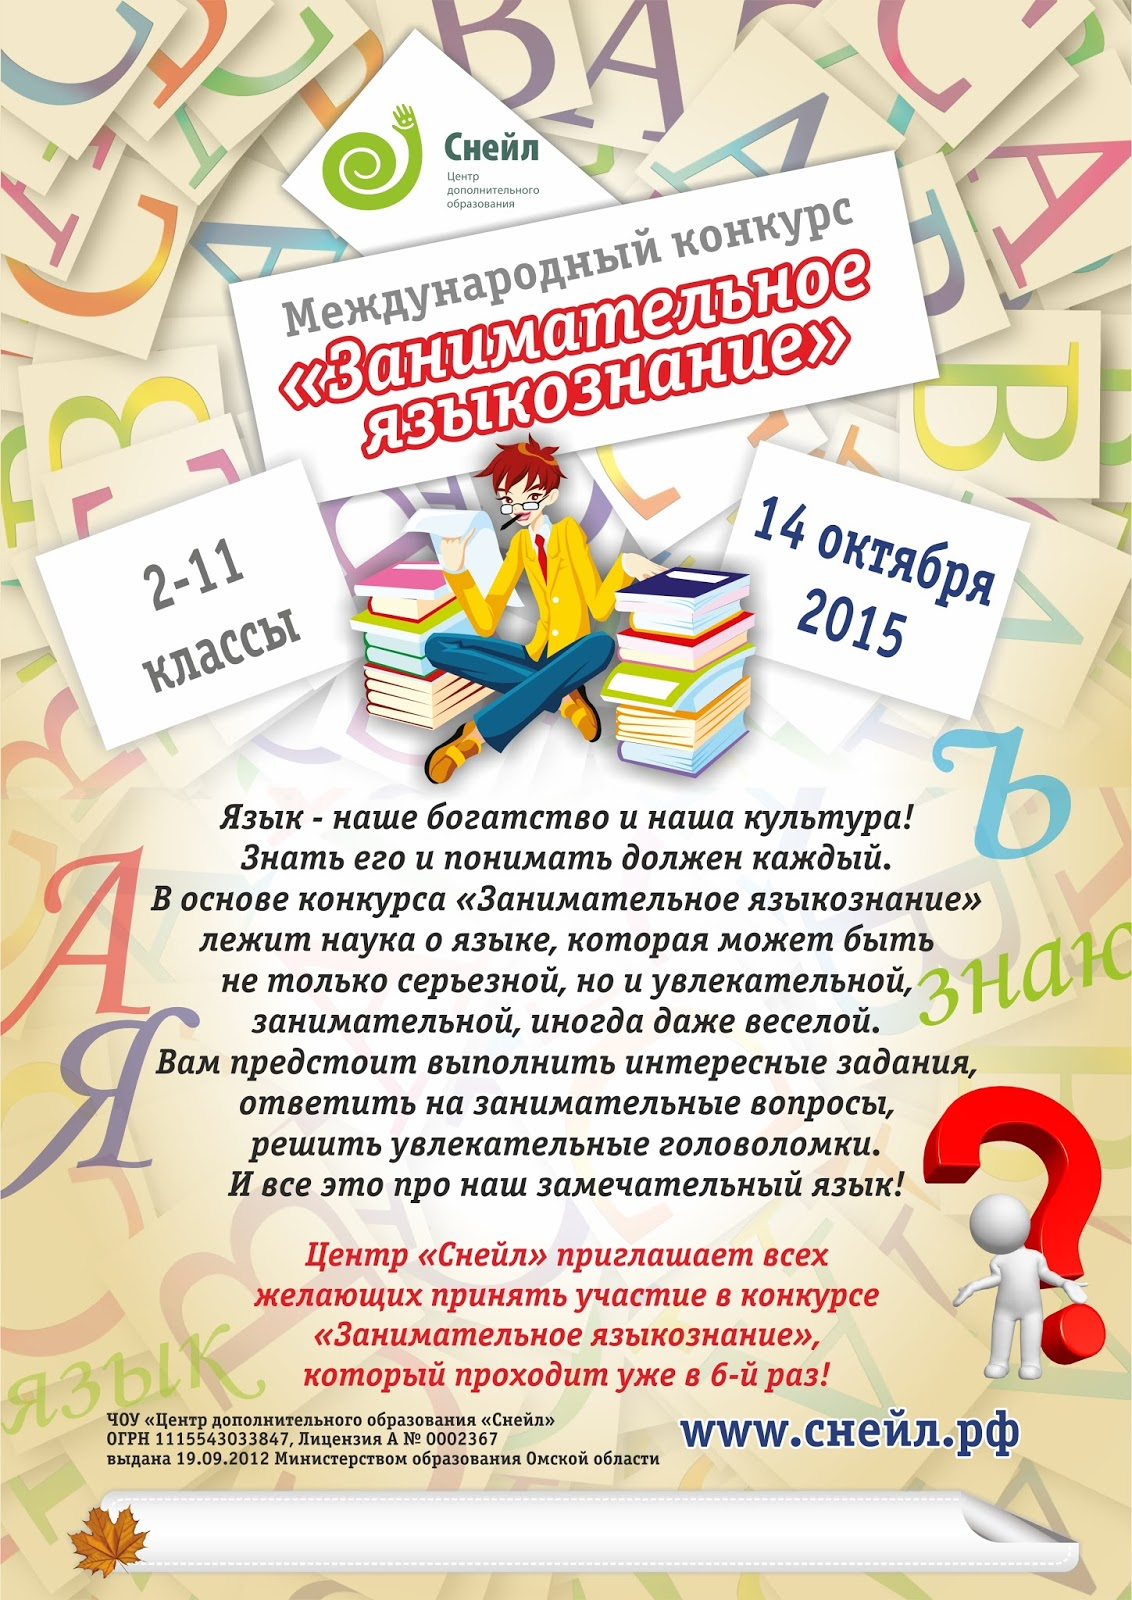 Поздравления с днем рождения на башкирском языке своими словами маме